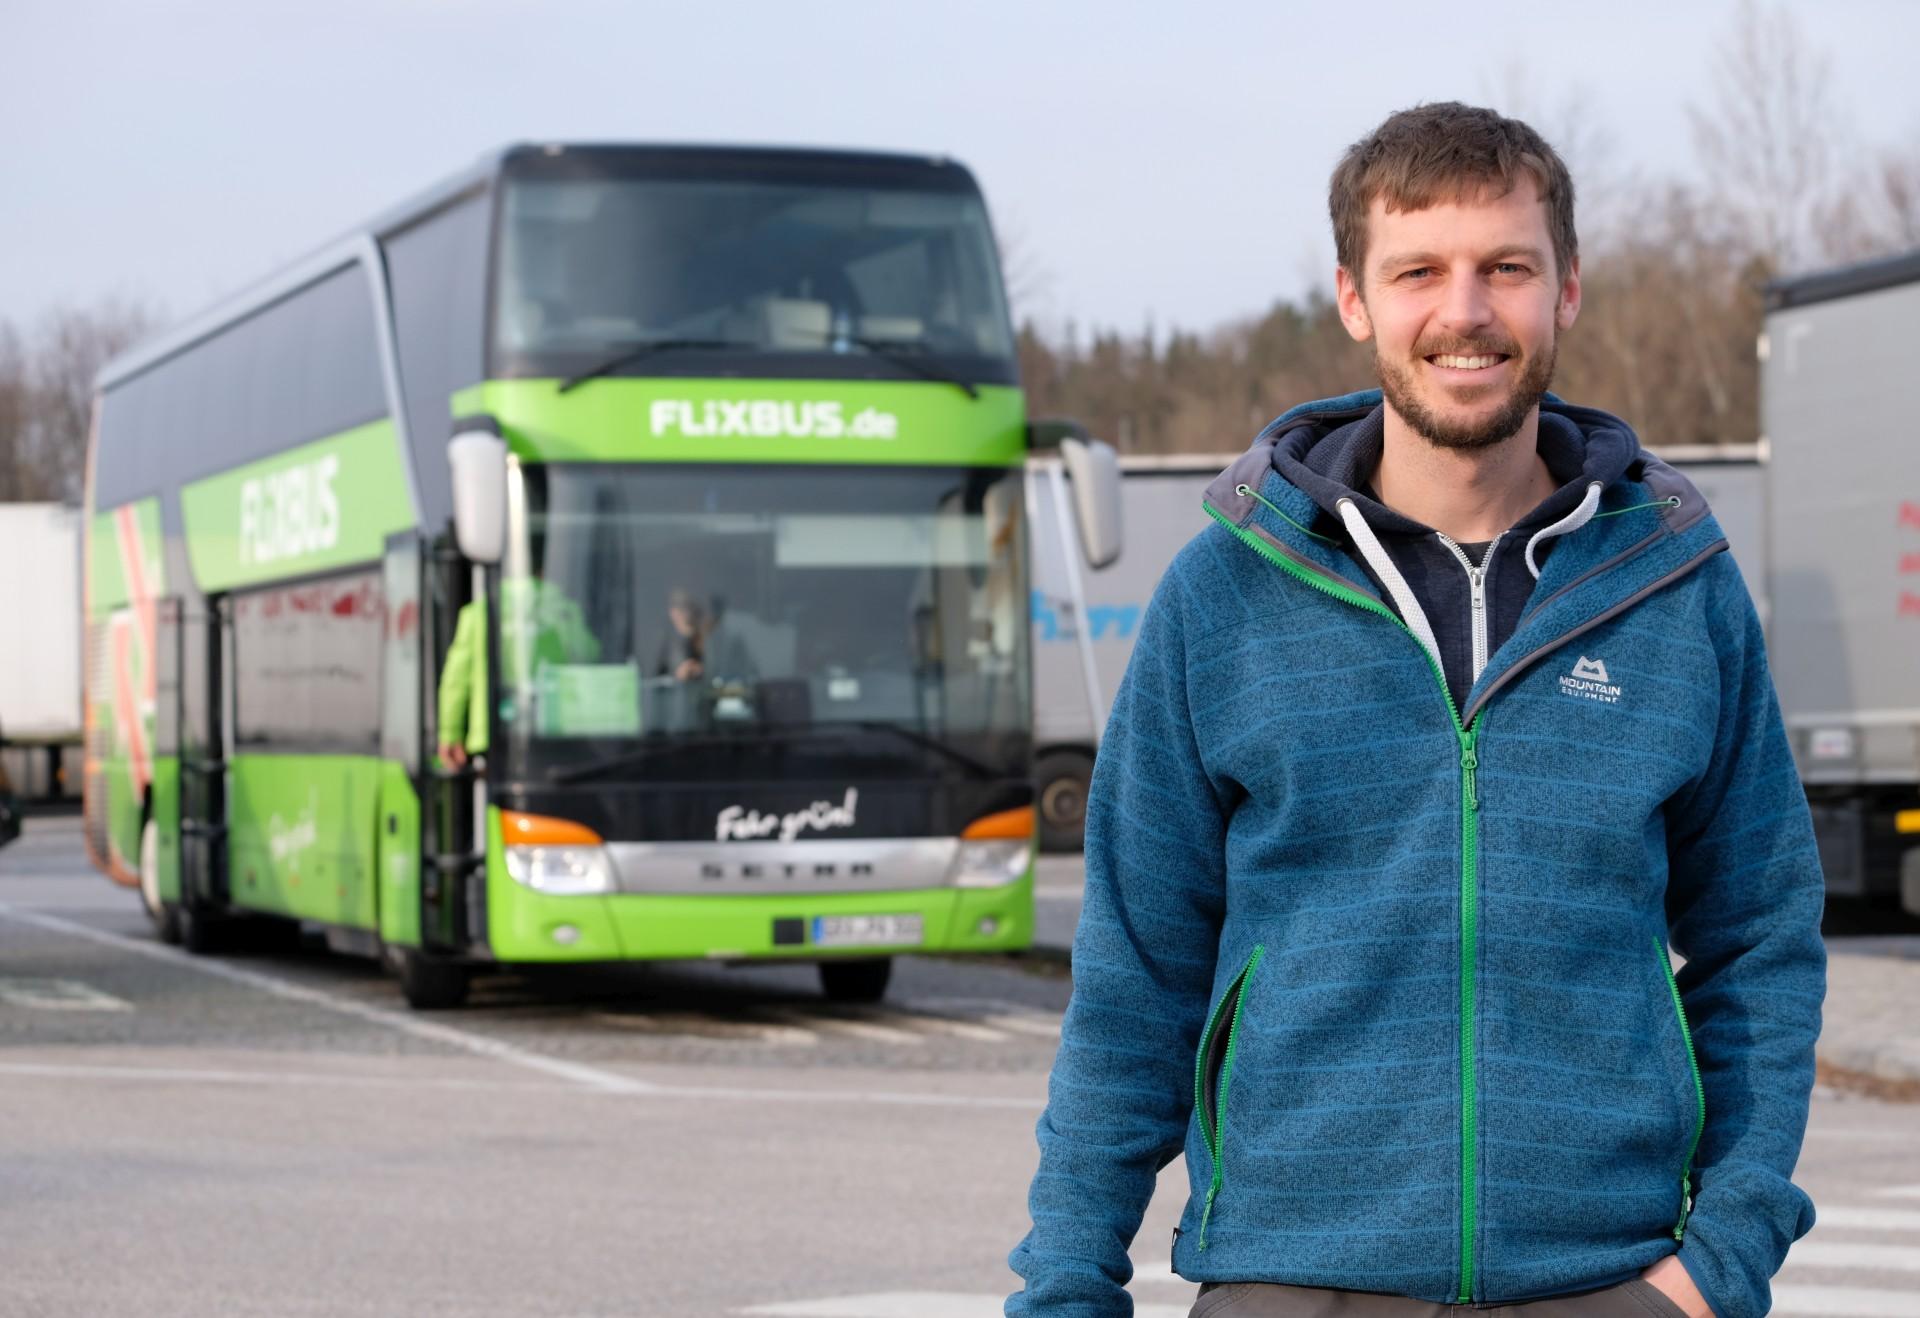 Sebastian steht vor einem Fernbus